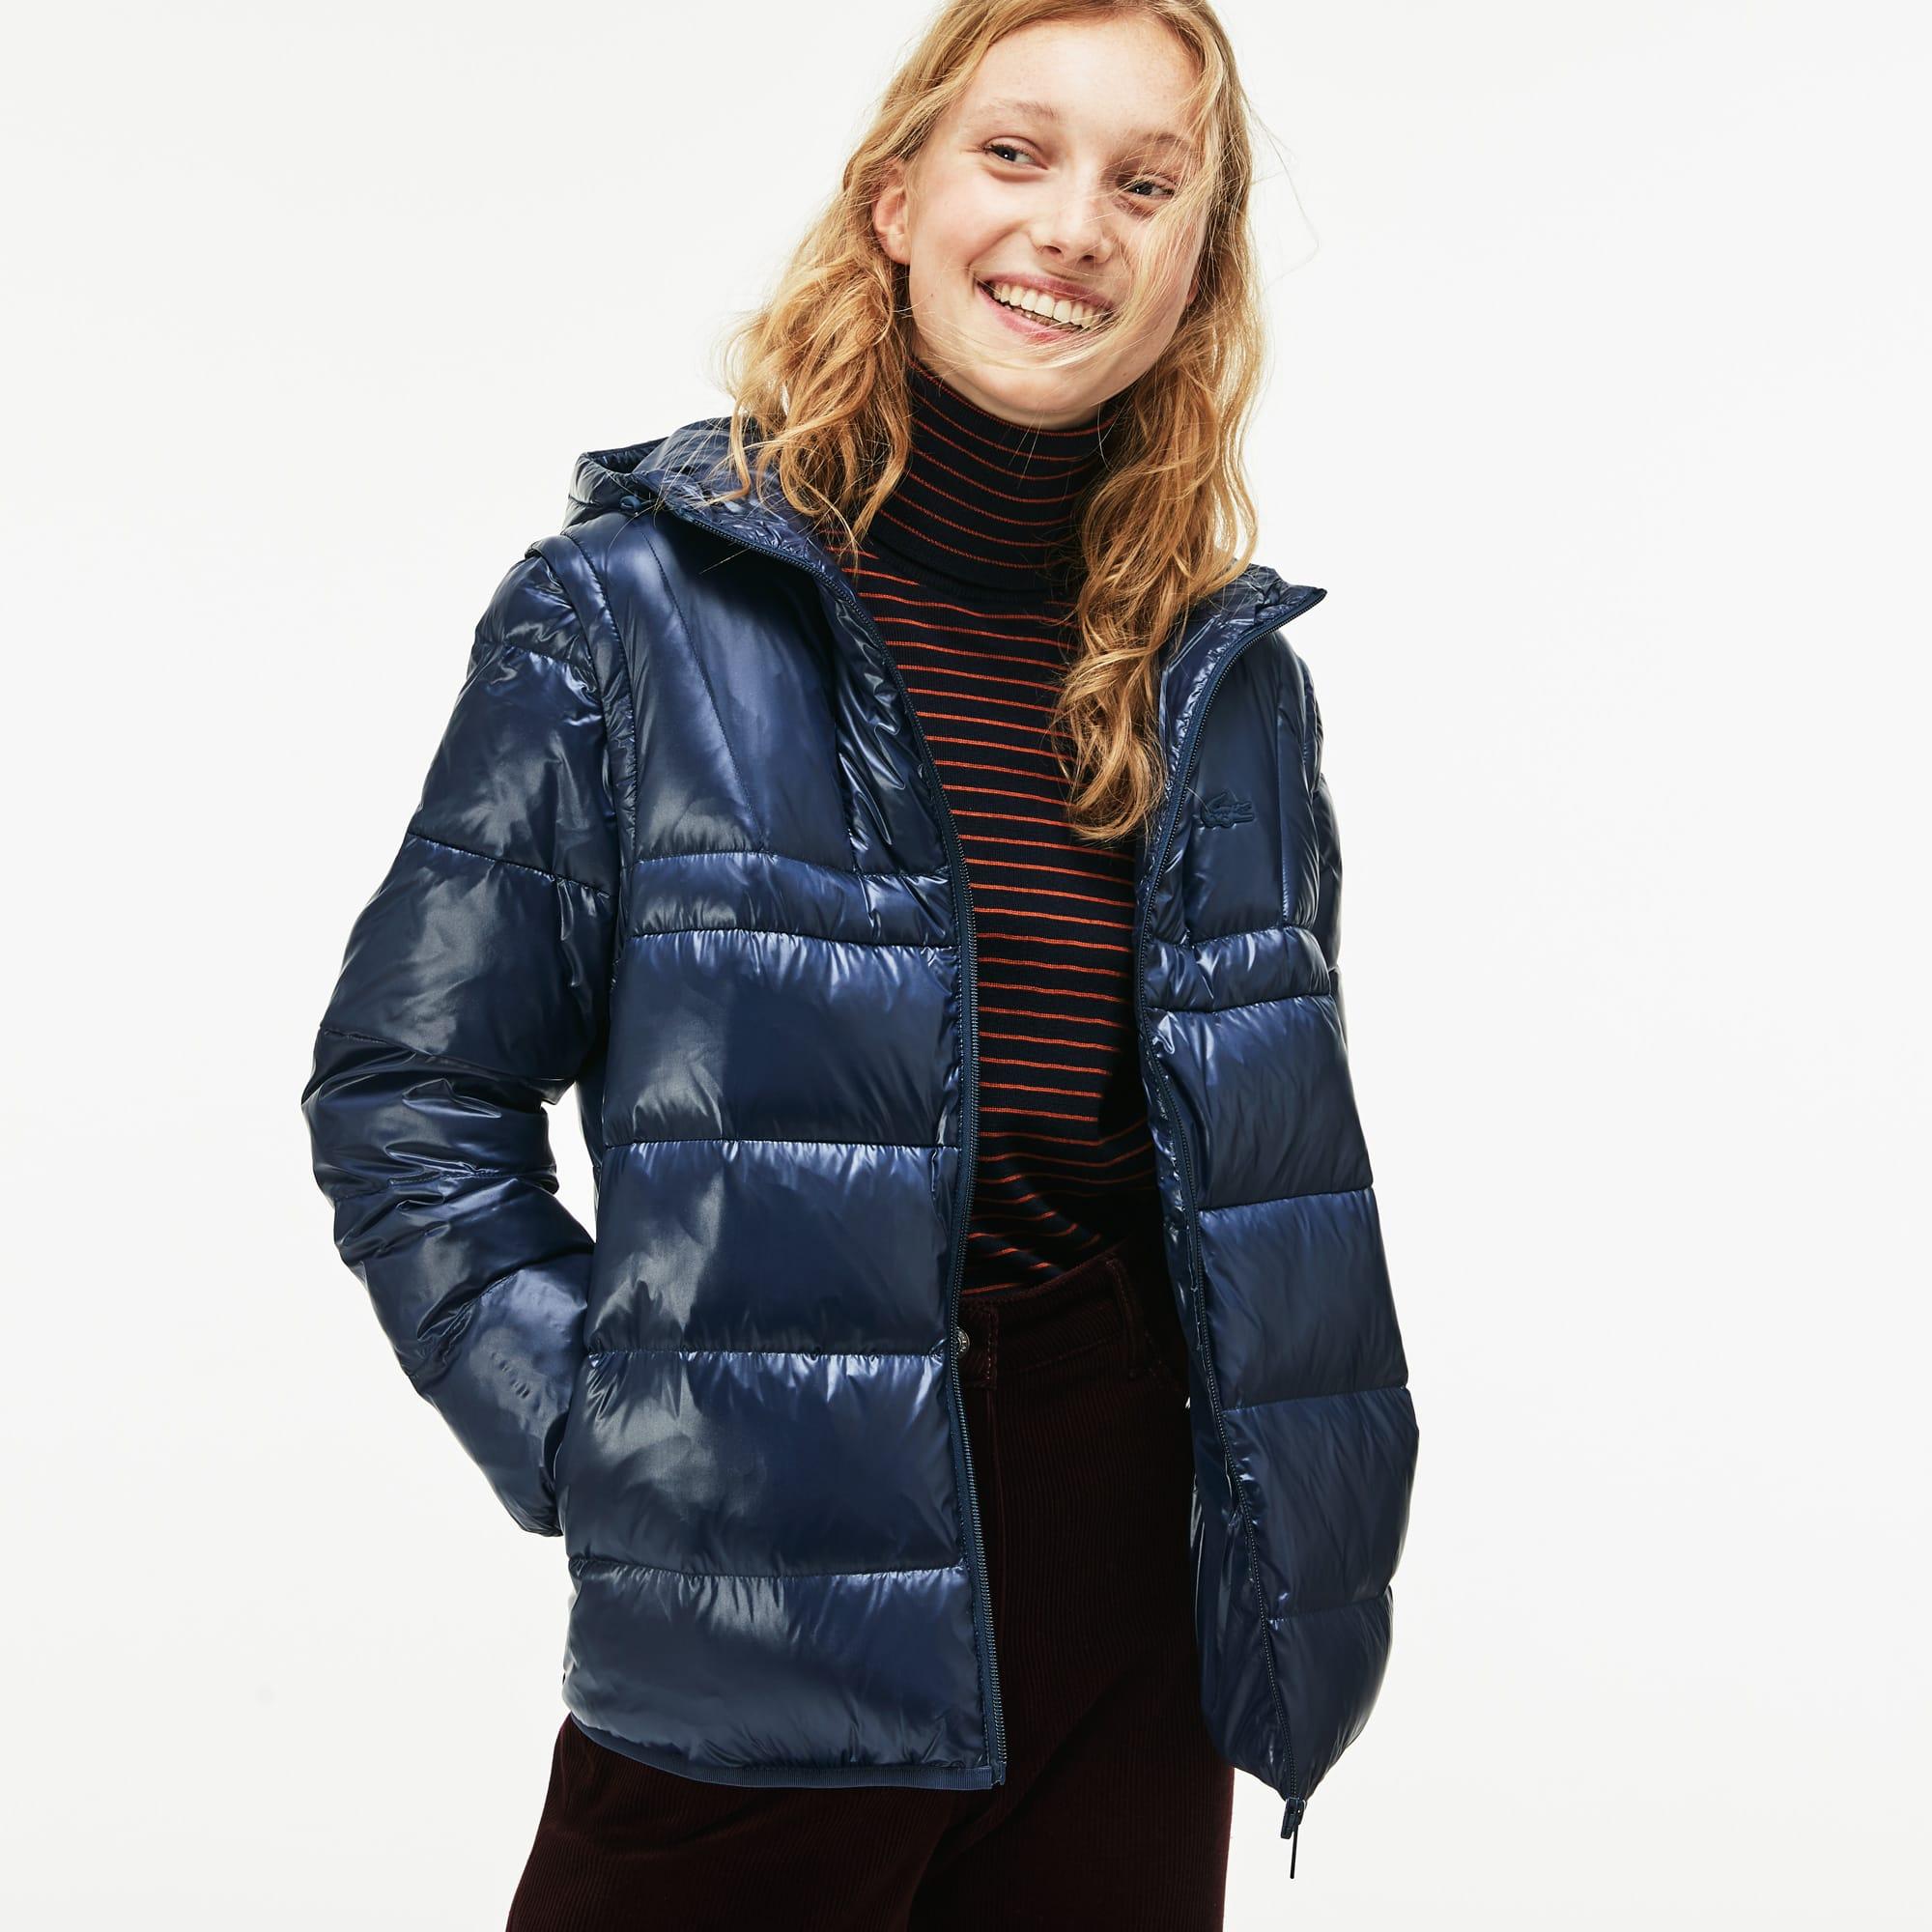 Vêtements Femme   Mode femme   LACOSTE fd44090a093